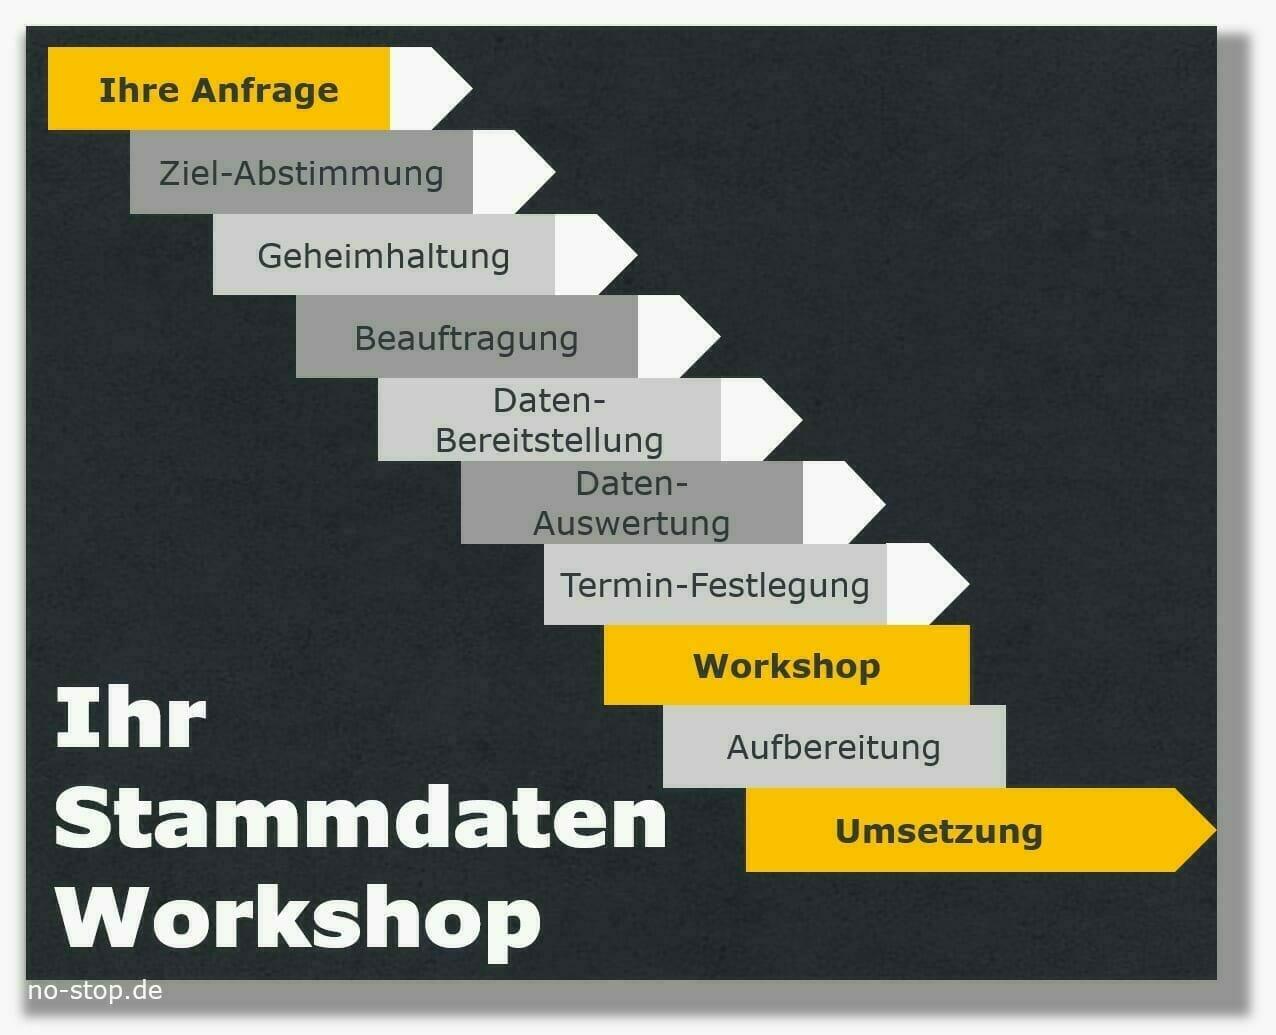 Ablaufplan Stammdaten-Workshop für Ersatzteile